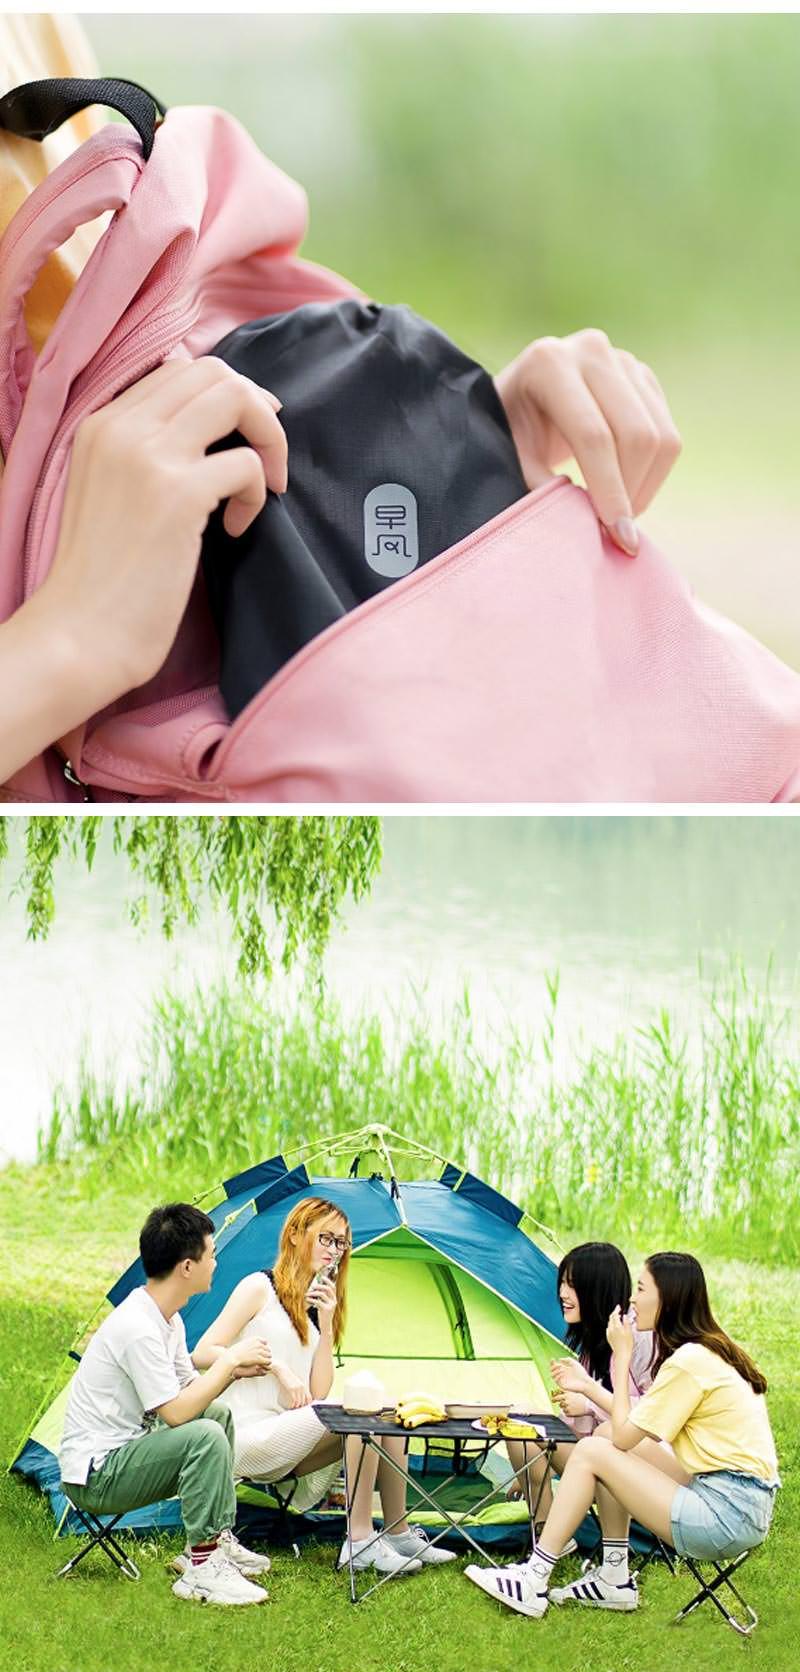 buy xiaomi zaofeng folding chair